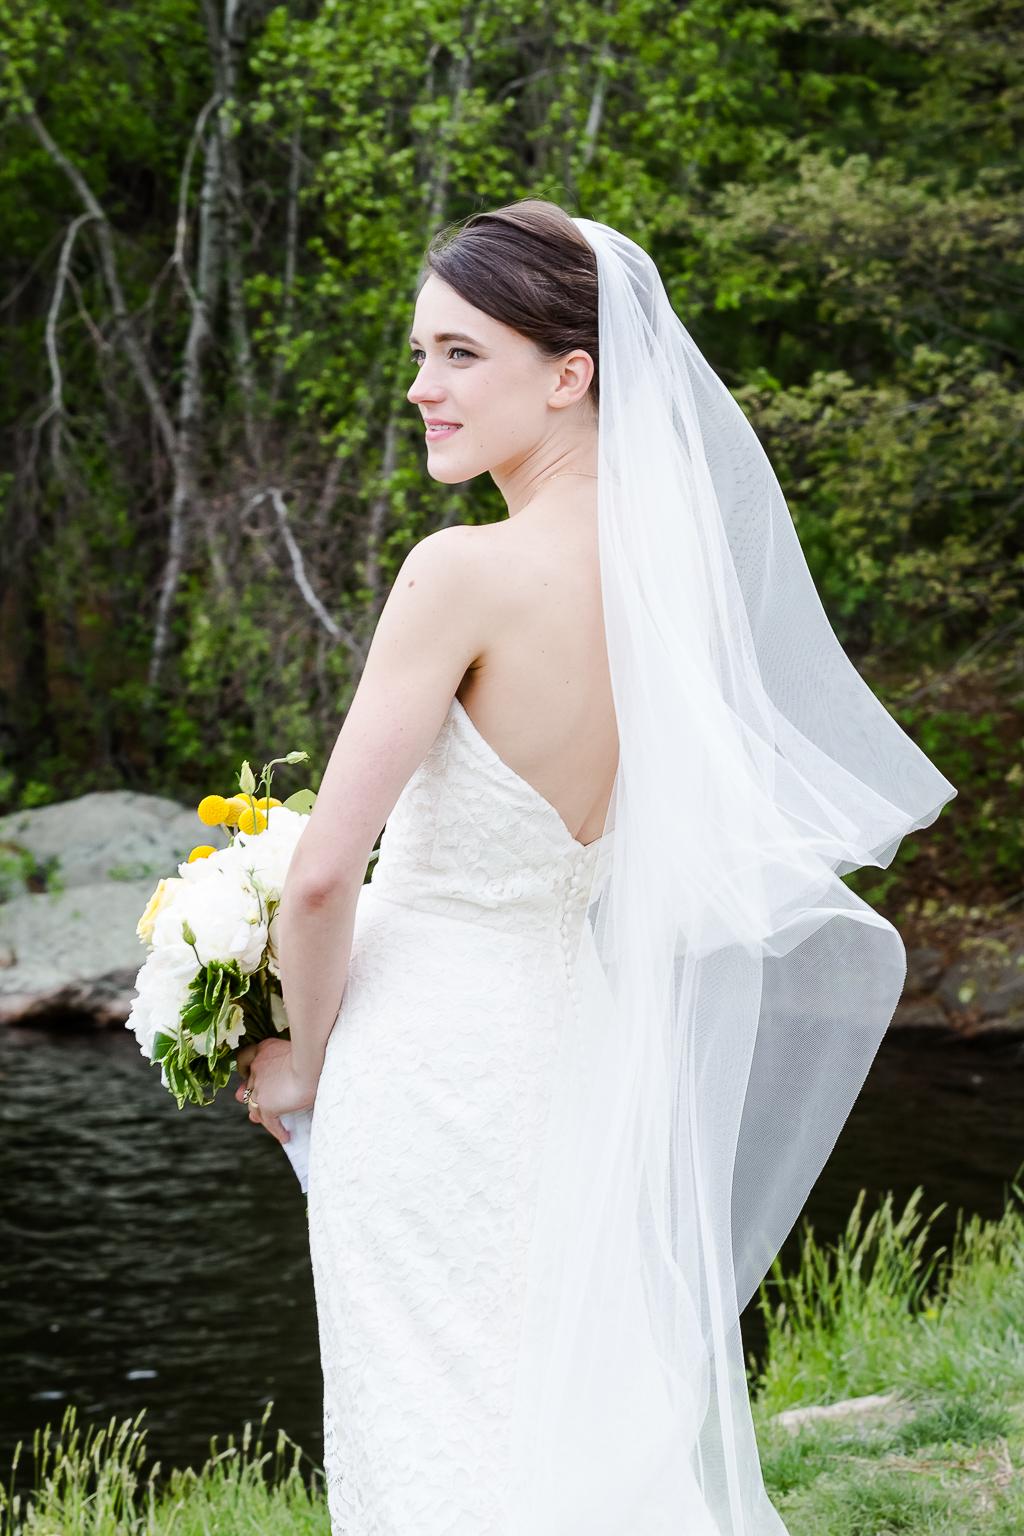 clytie-sadler-church-wedding-photographer-020a.jpg